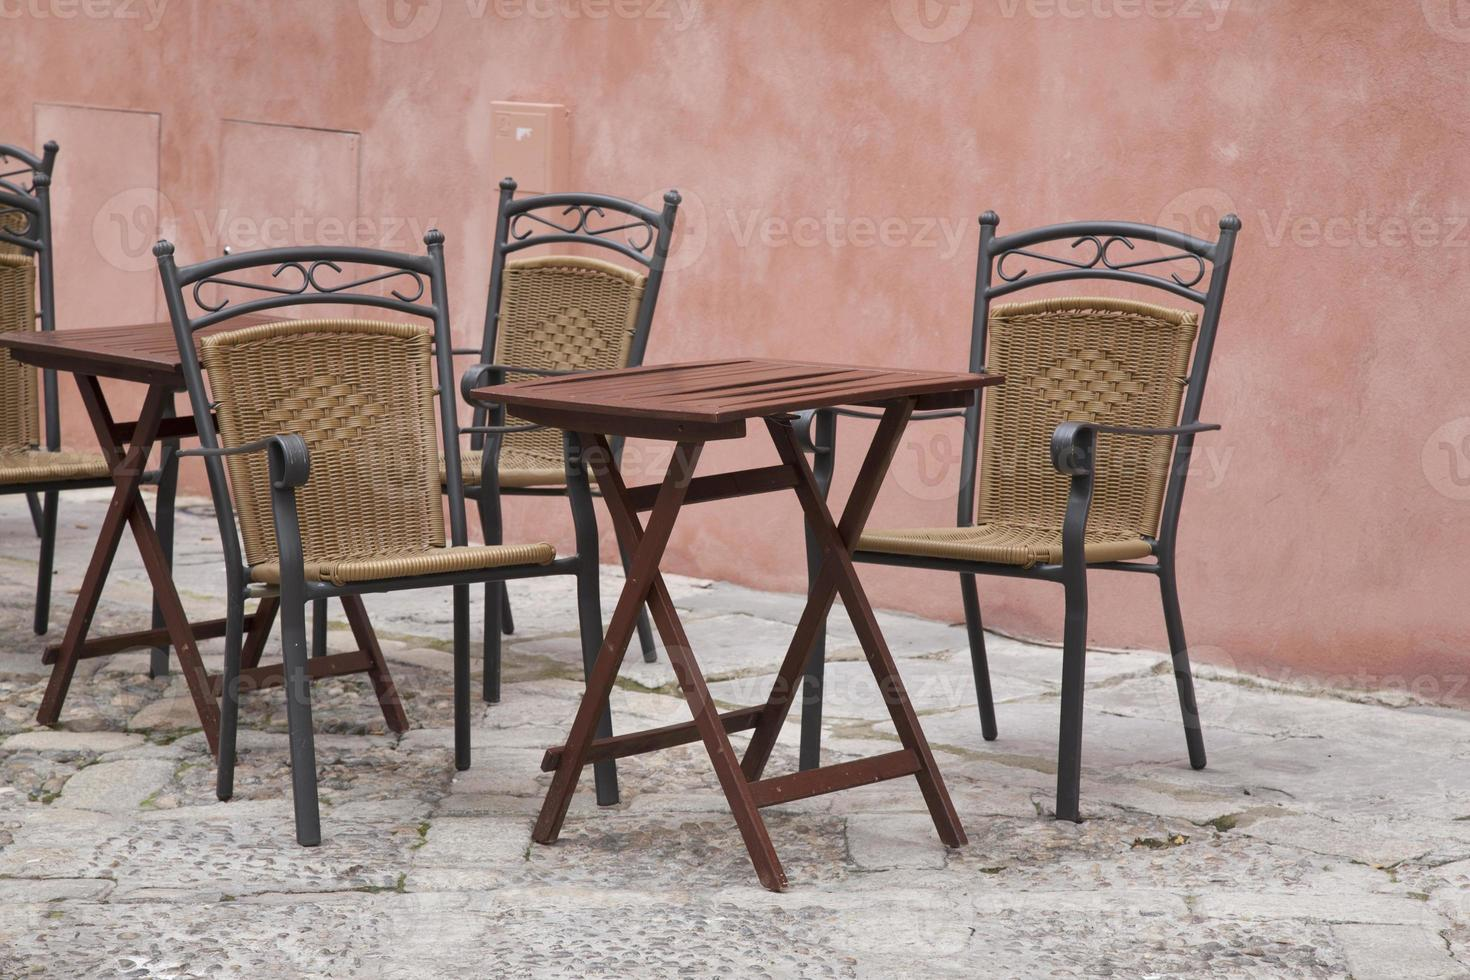 cafébord och stolar; santa cruz kvarter; sevilla foto